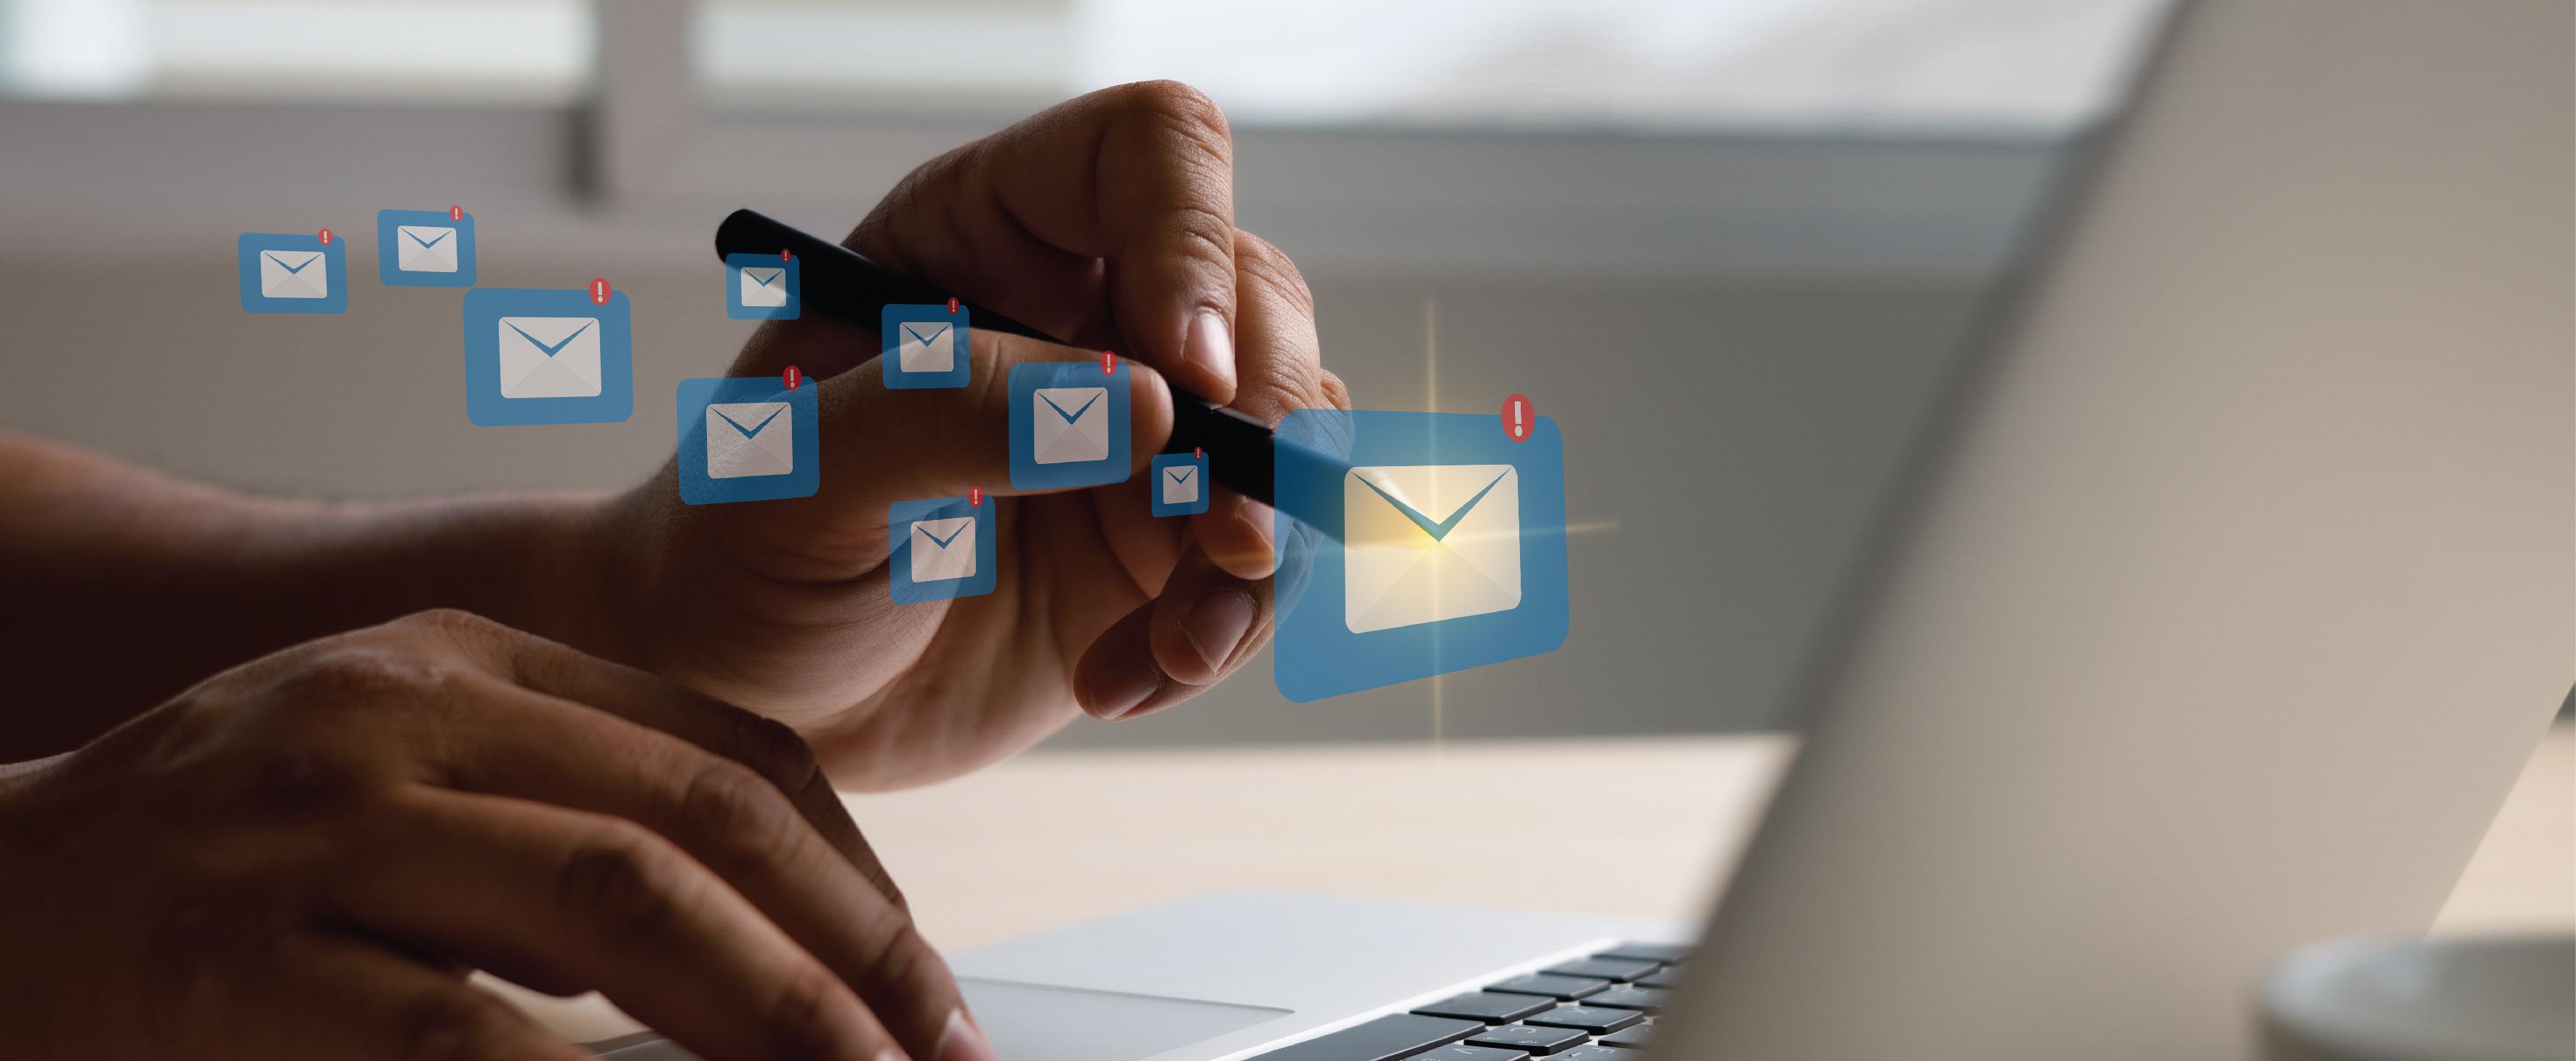 email-marketing-estrategia-digital-interius-blog